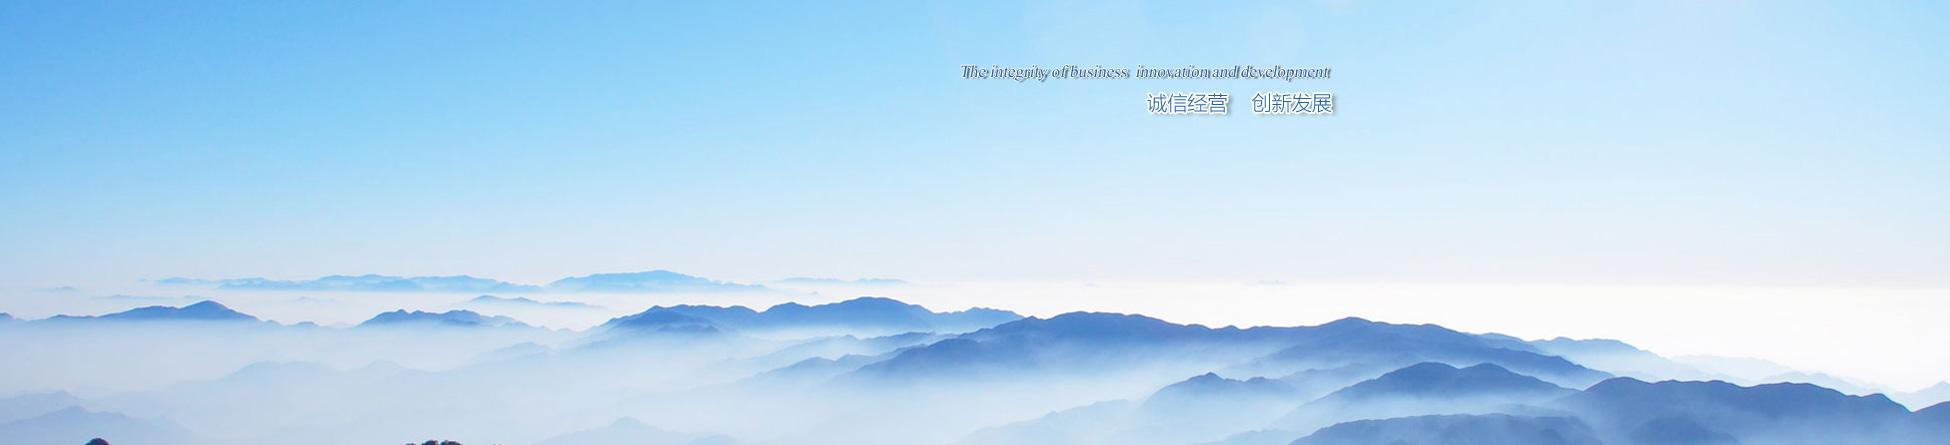 背景 壁纸 风景 天空 桌面 1950_445